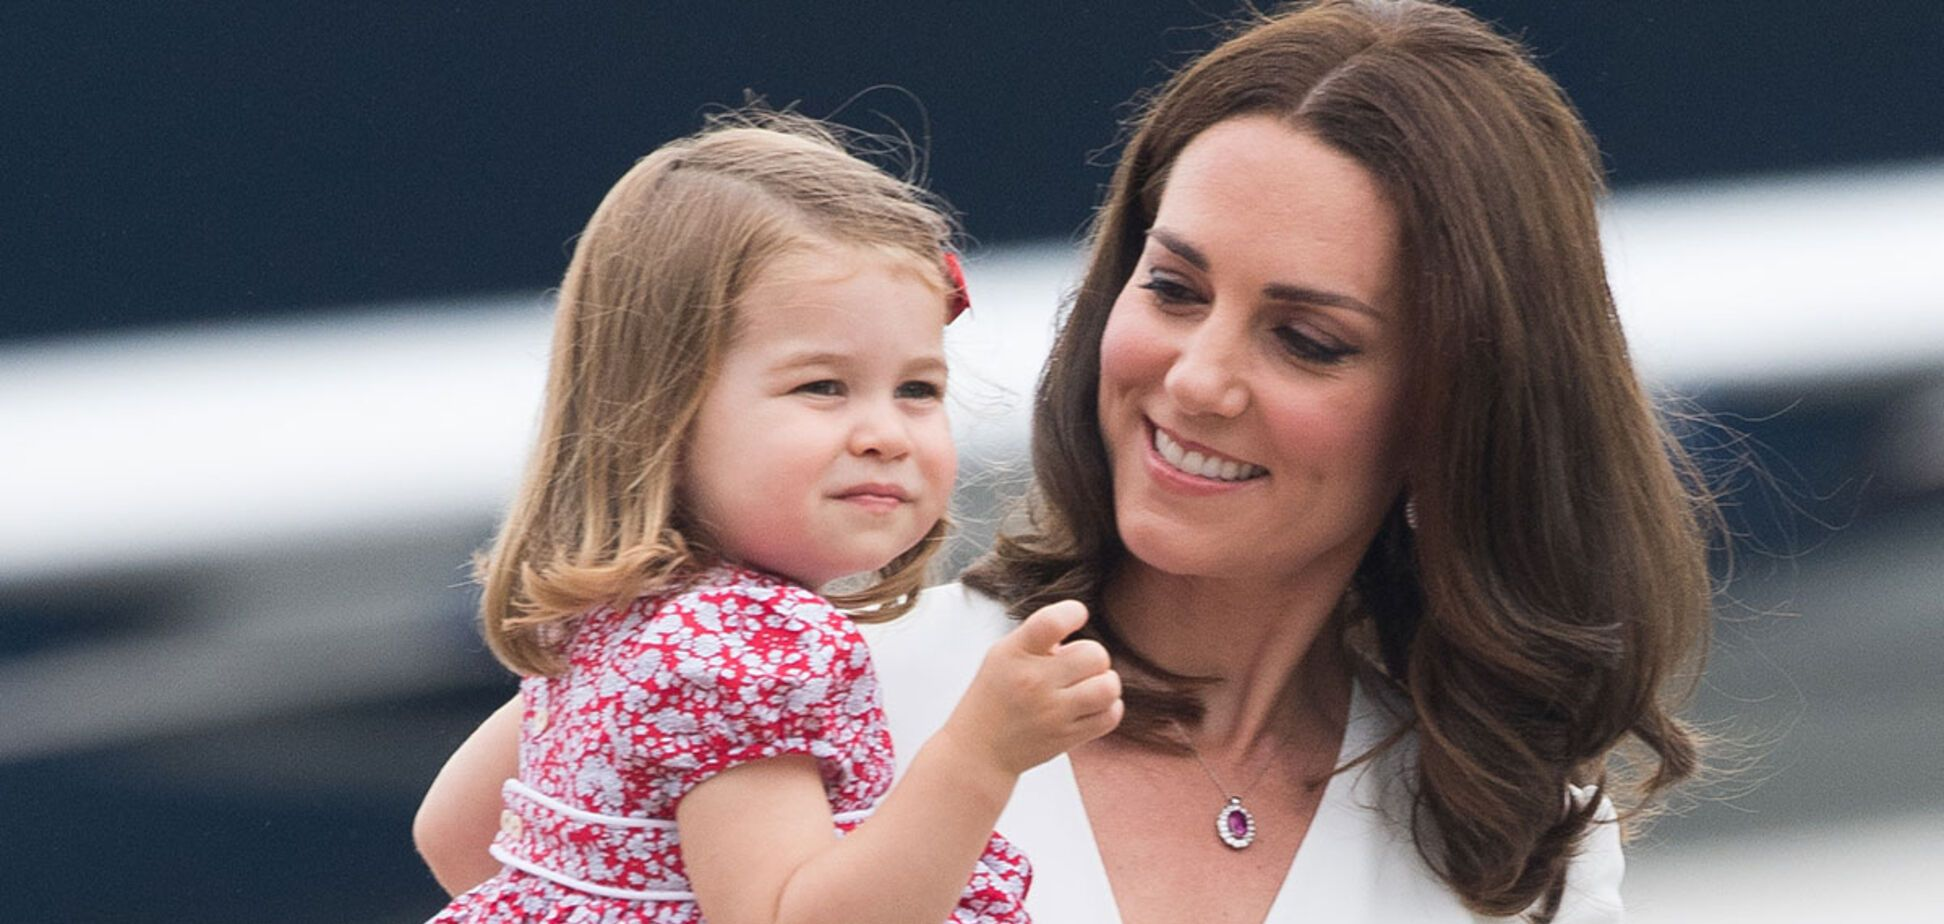 'Копия королевы Елизаветы!' Новые фото 5-летней дочки Миддлтон потрясли сеть